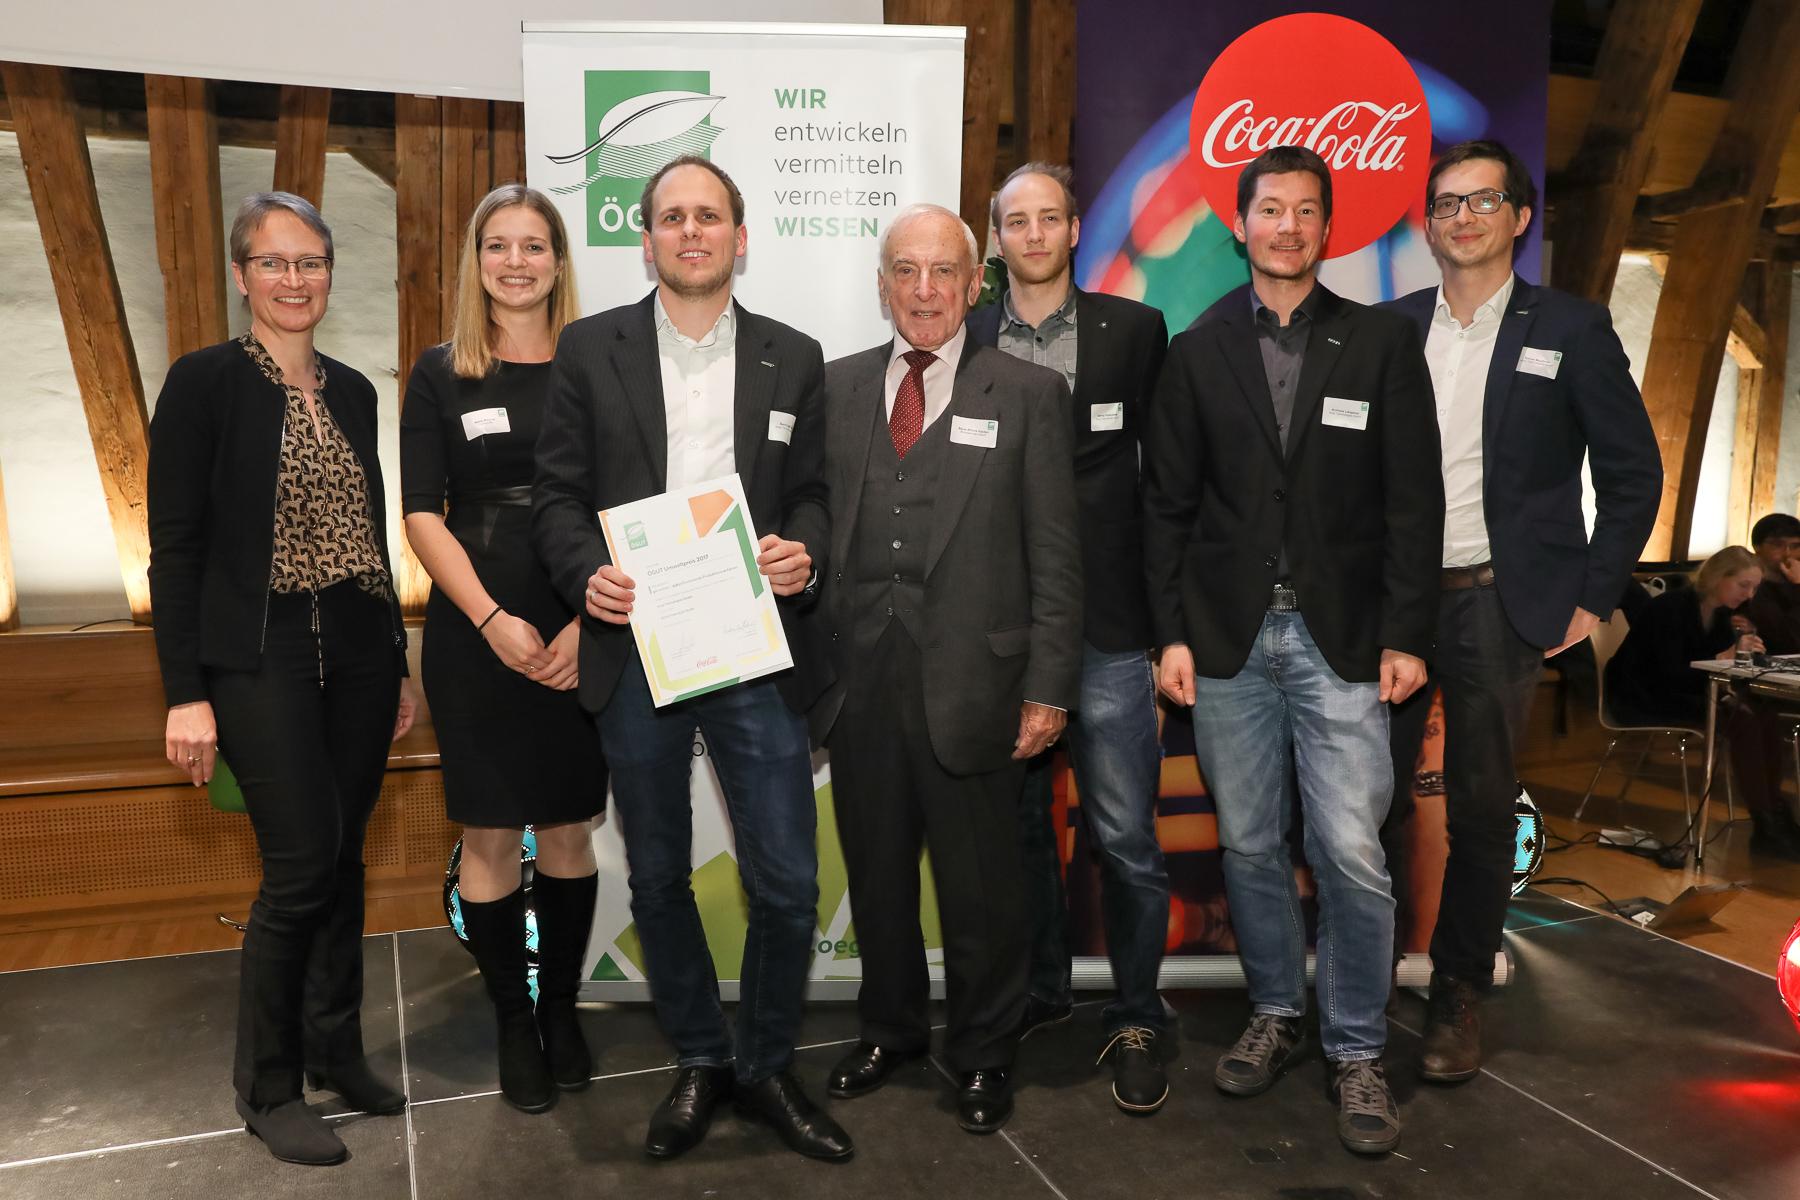 ROTATION HEAT PUMP mit ÖGUT-Umweltpreis 2017 ausgezeichnet!